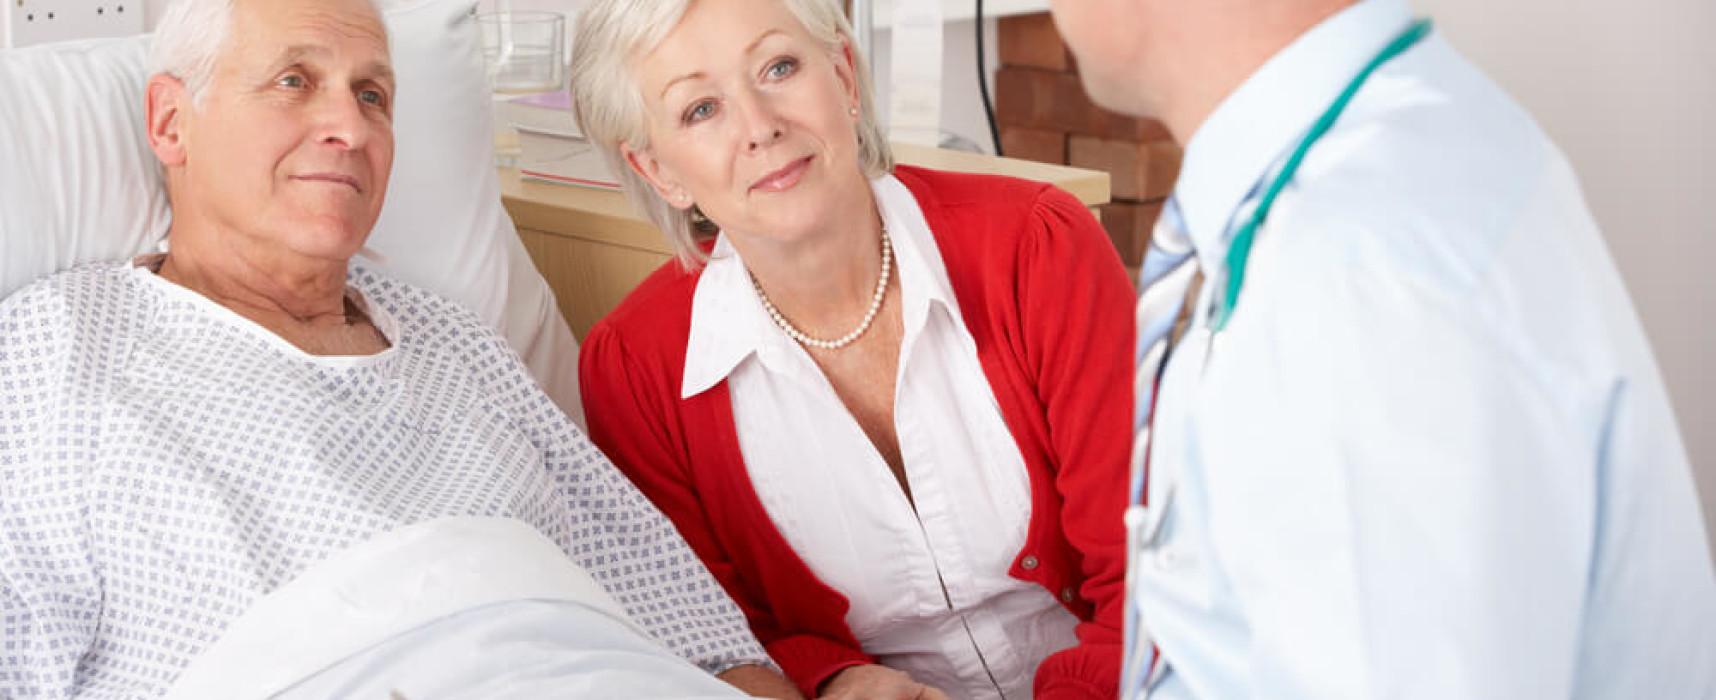 Как долго работник, перенесший операцию, может рассчитывать на получение пособия по больничному листу?